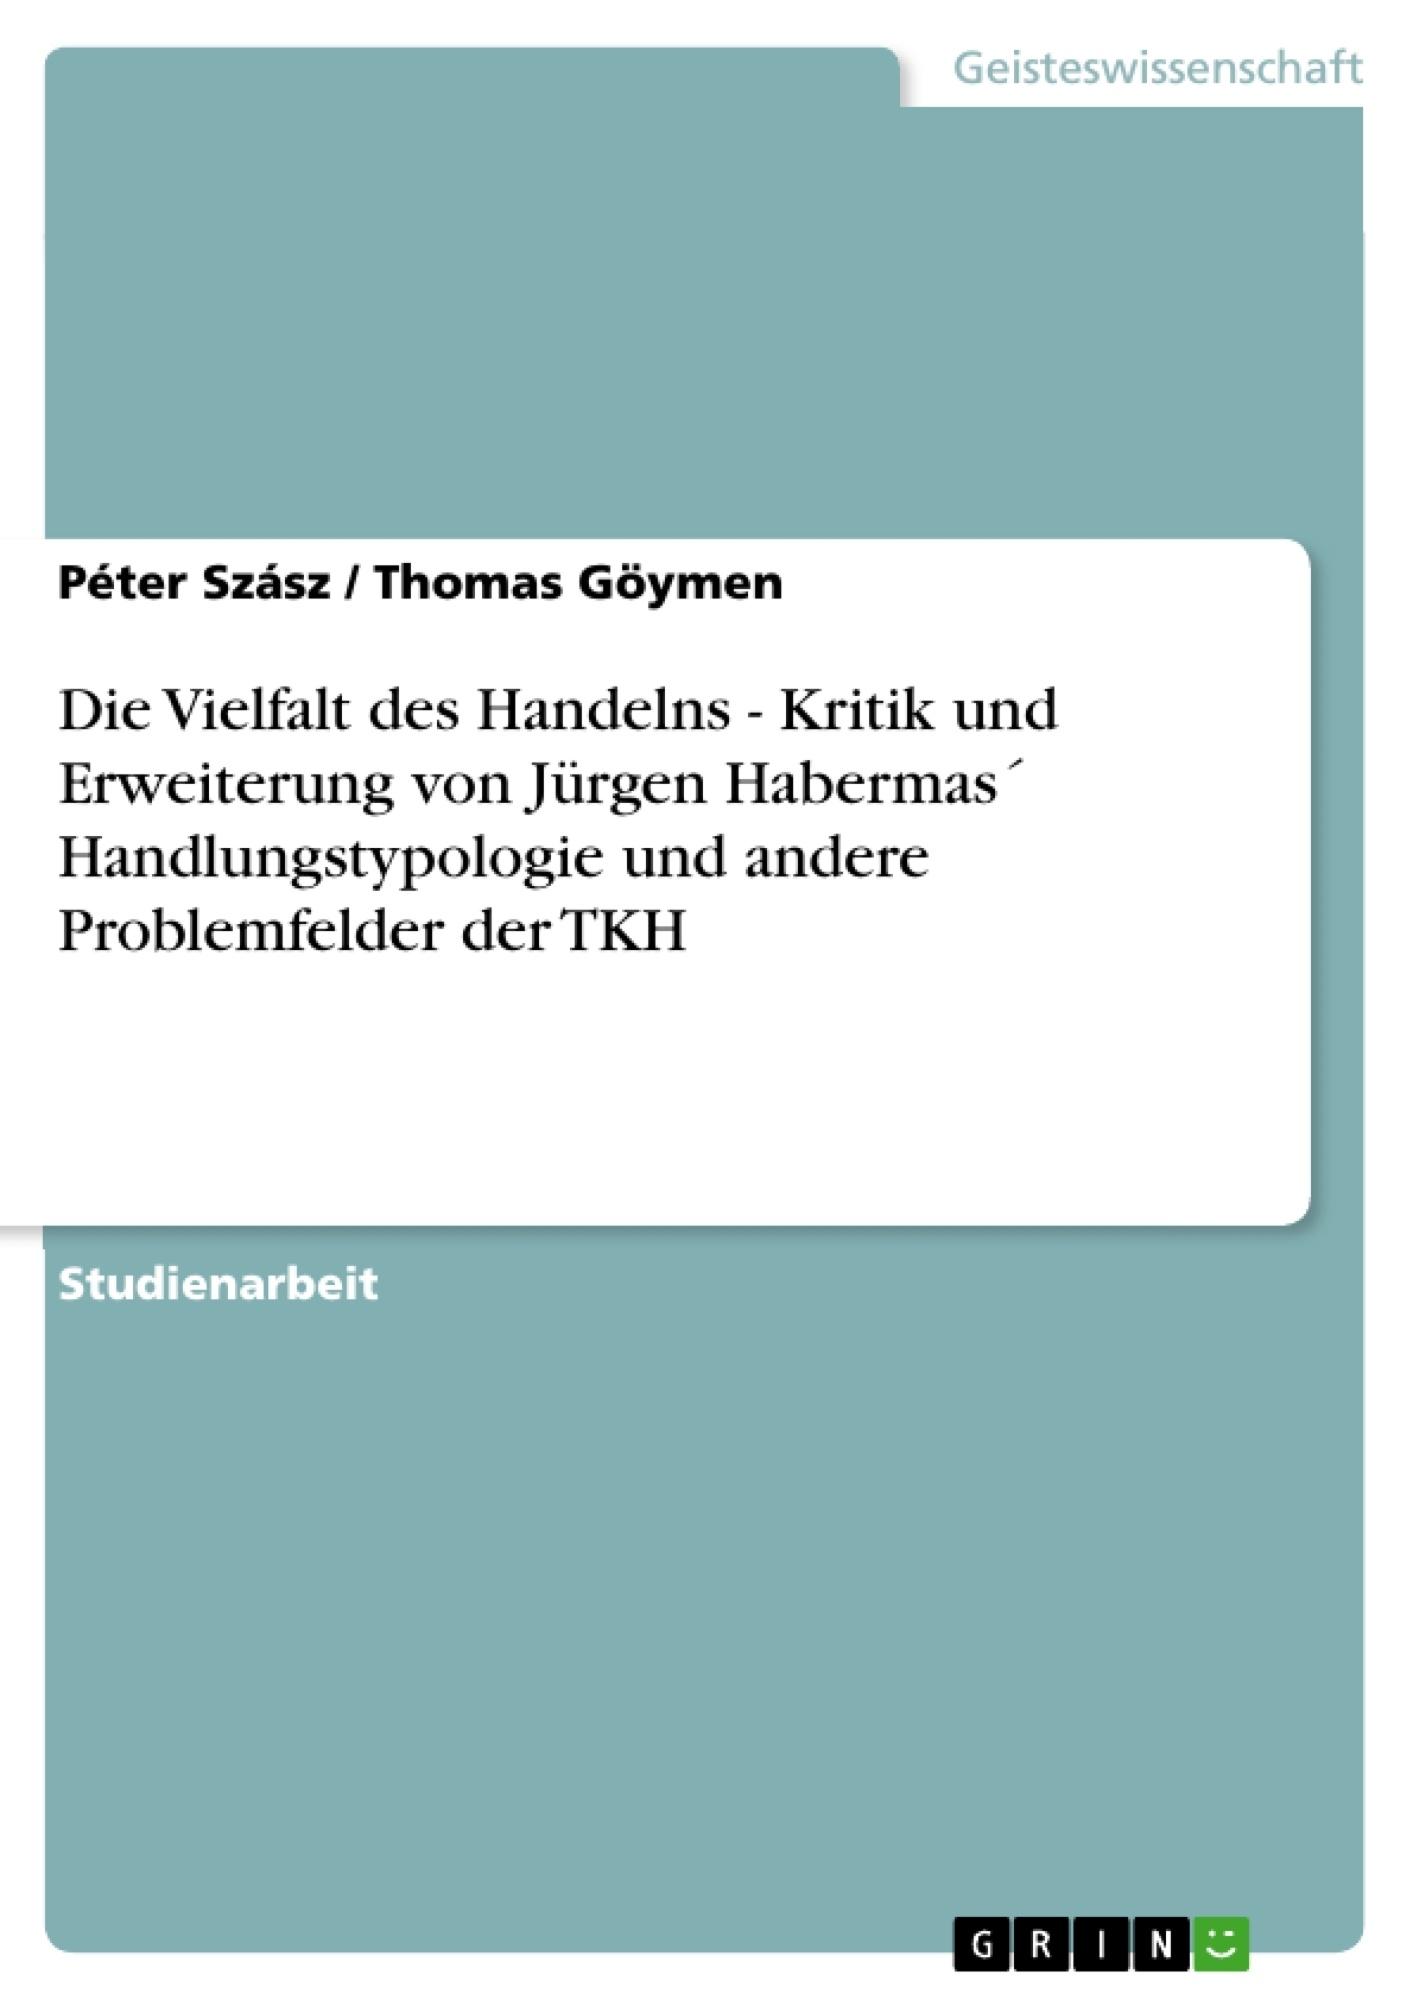 Titel: Die Vielfalt des Handelns - Kritik und Erweiterung von Jürgen Habermas´ Handlungstypologie und andere Problemfelder der TKH